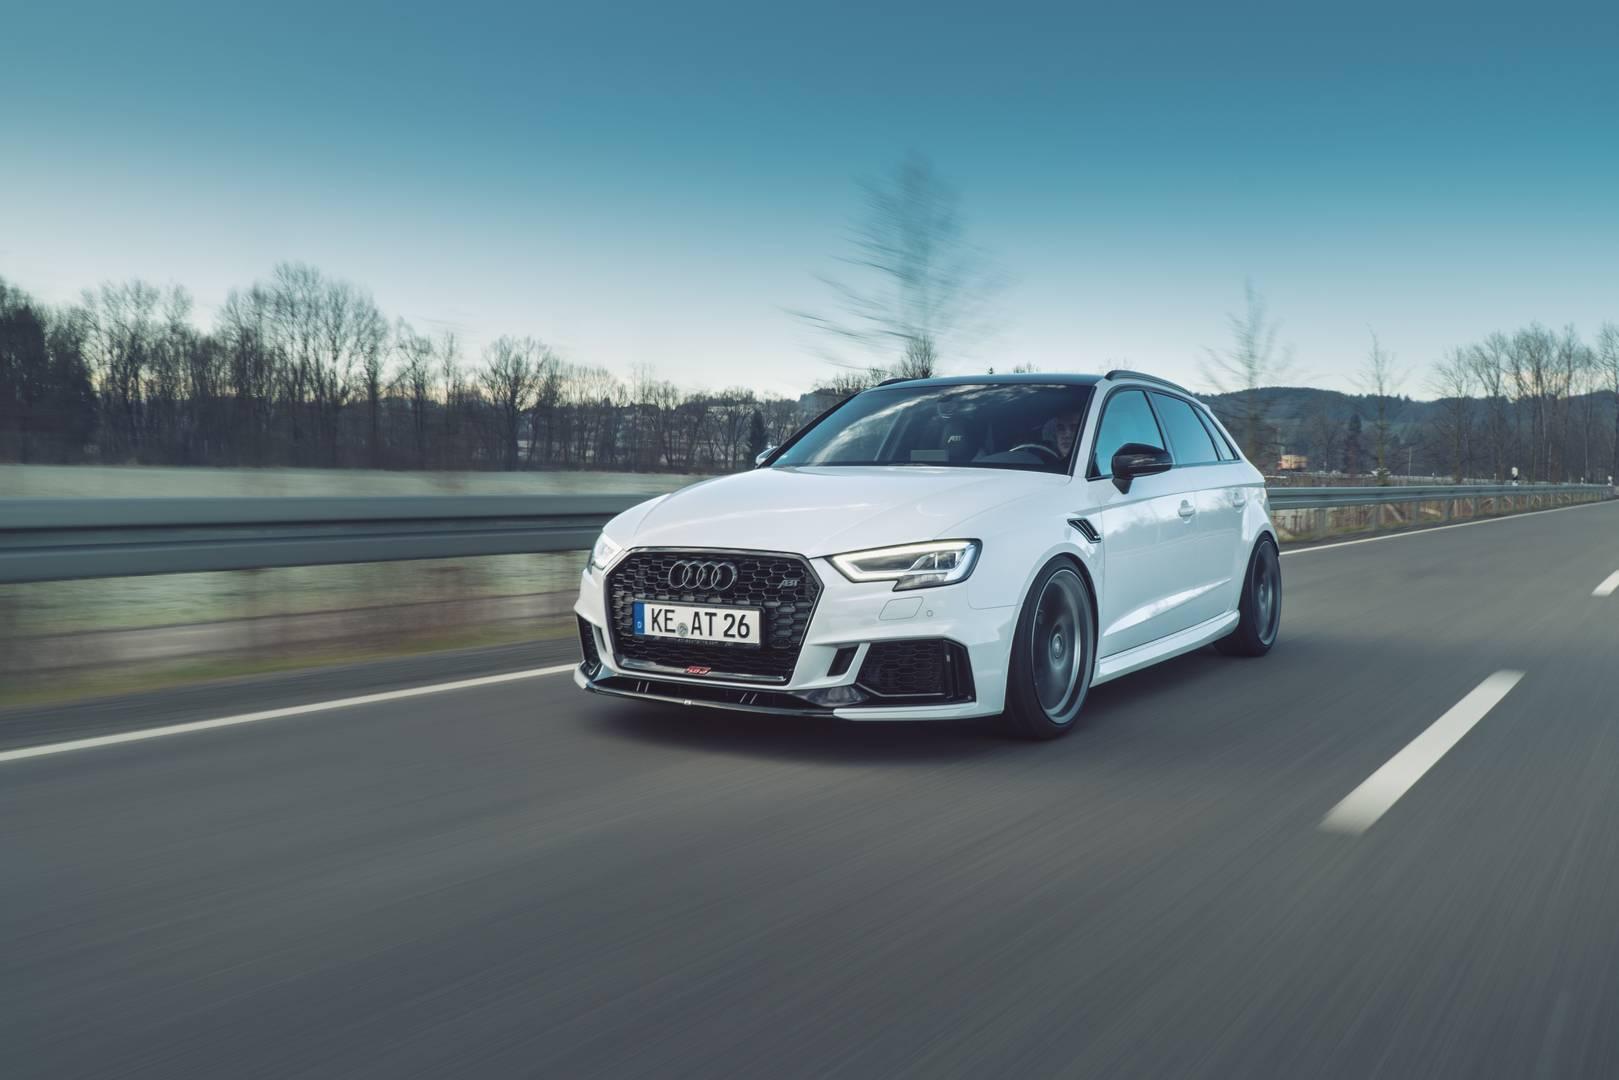 Audi RS 3 Sportback и RS 3 Sedan только недавно были выпущены. Пакет ABT Power R преобразует блок управления двигателем и добавляет несколько других обновления, включая систему выпуска, которая увеличивает мощность. В целом он производит 500 л.с., чт